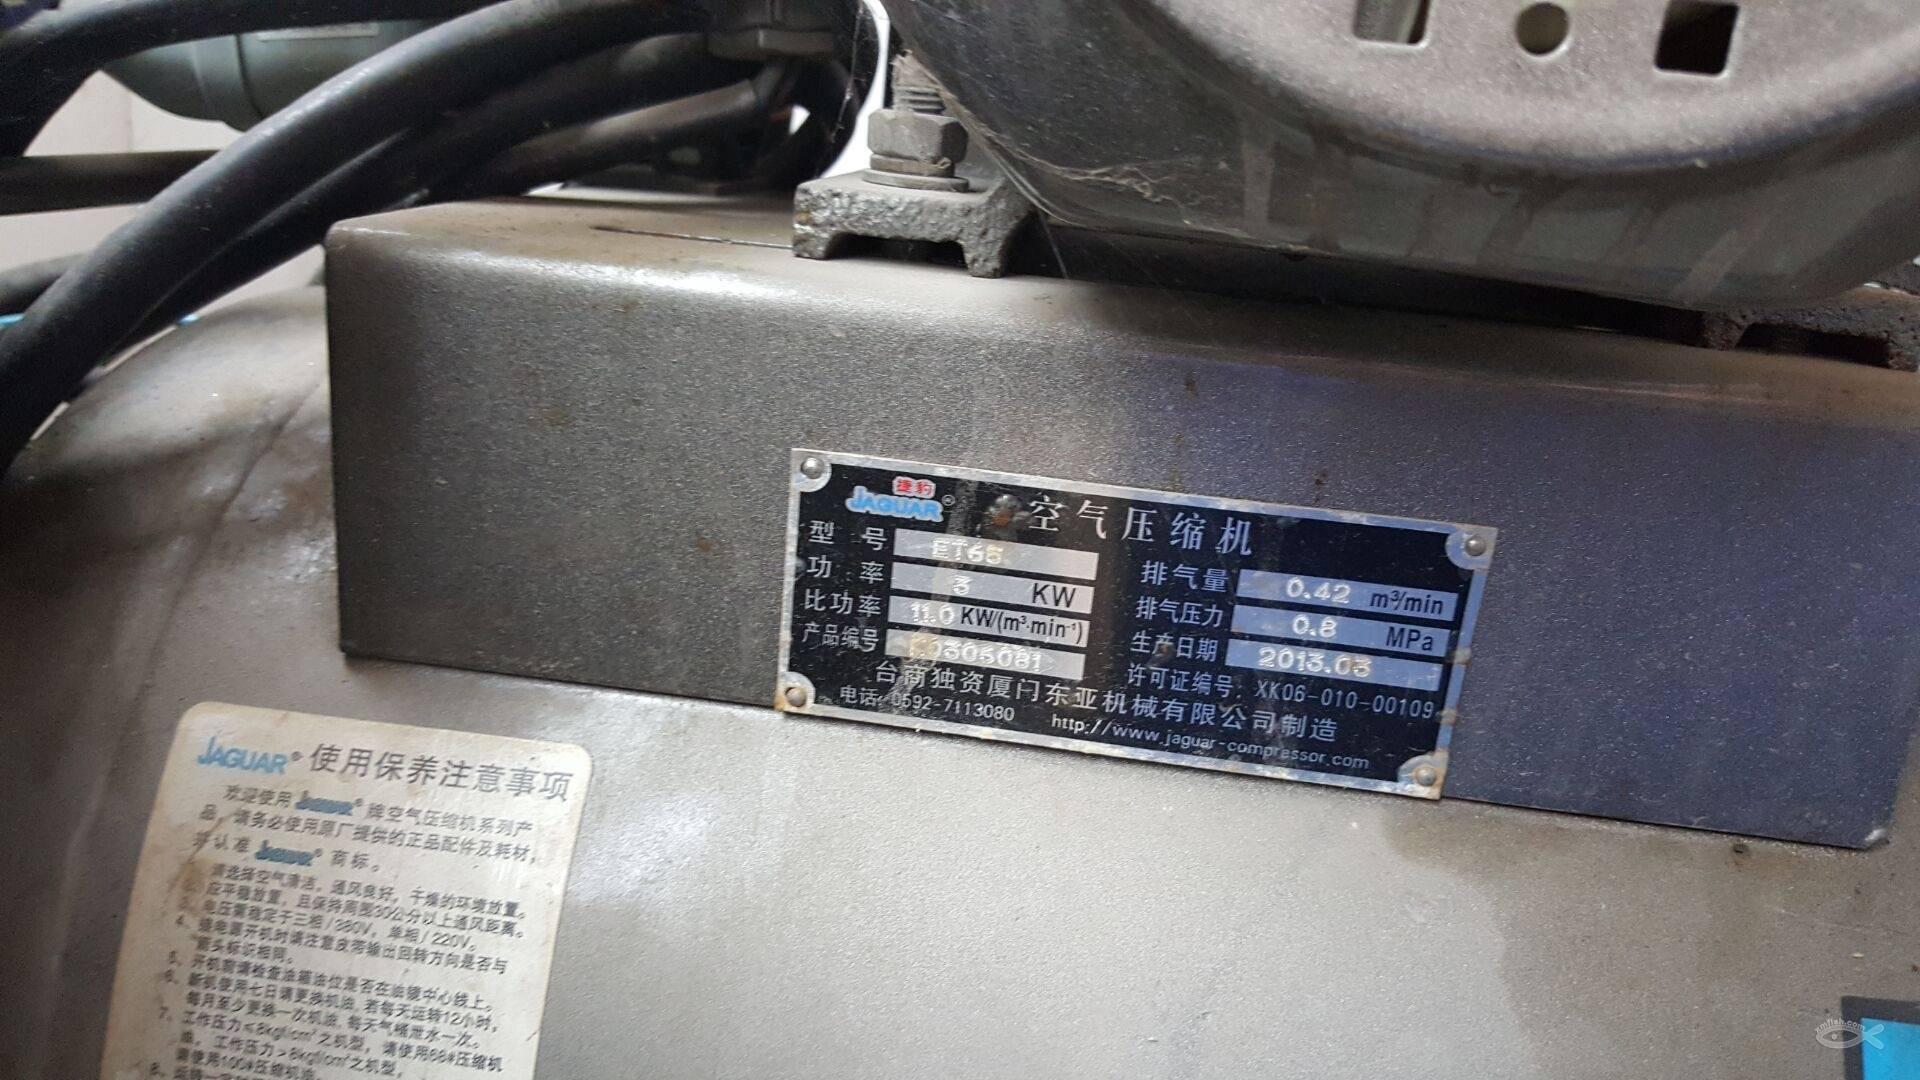 捷豹空压机,三相电,3缸闲置转让